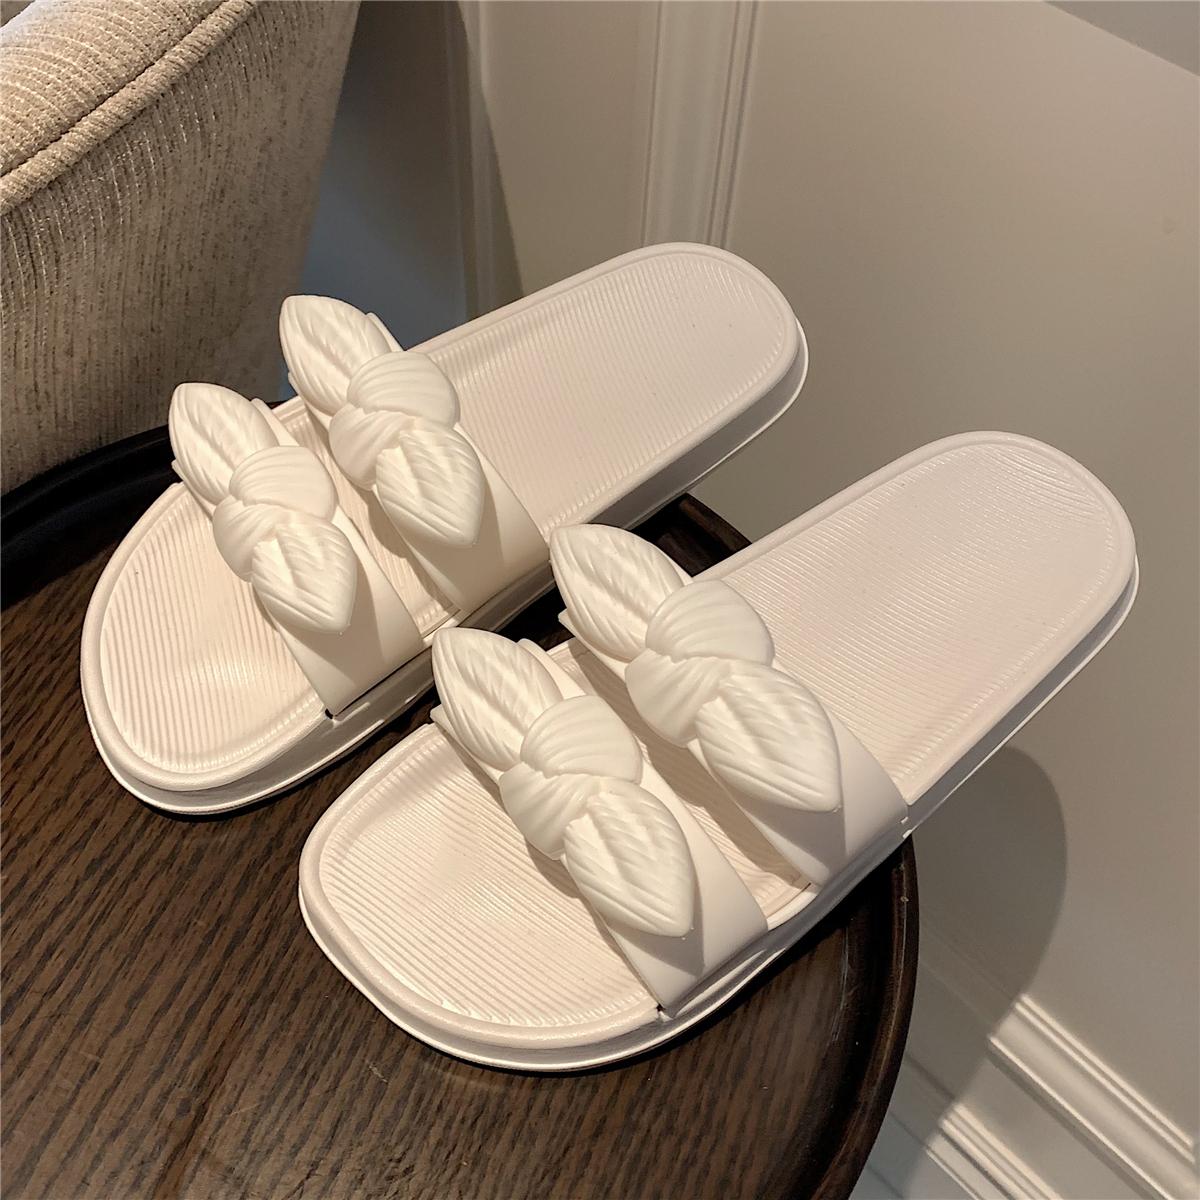 凉拖鞋女夏网红ins仙女风平底室内居家用时尚蝴蝶结沙滩拖鞋防滑